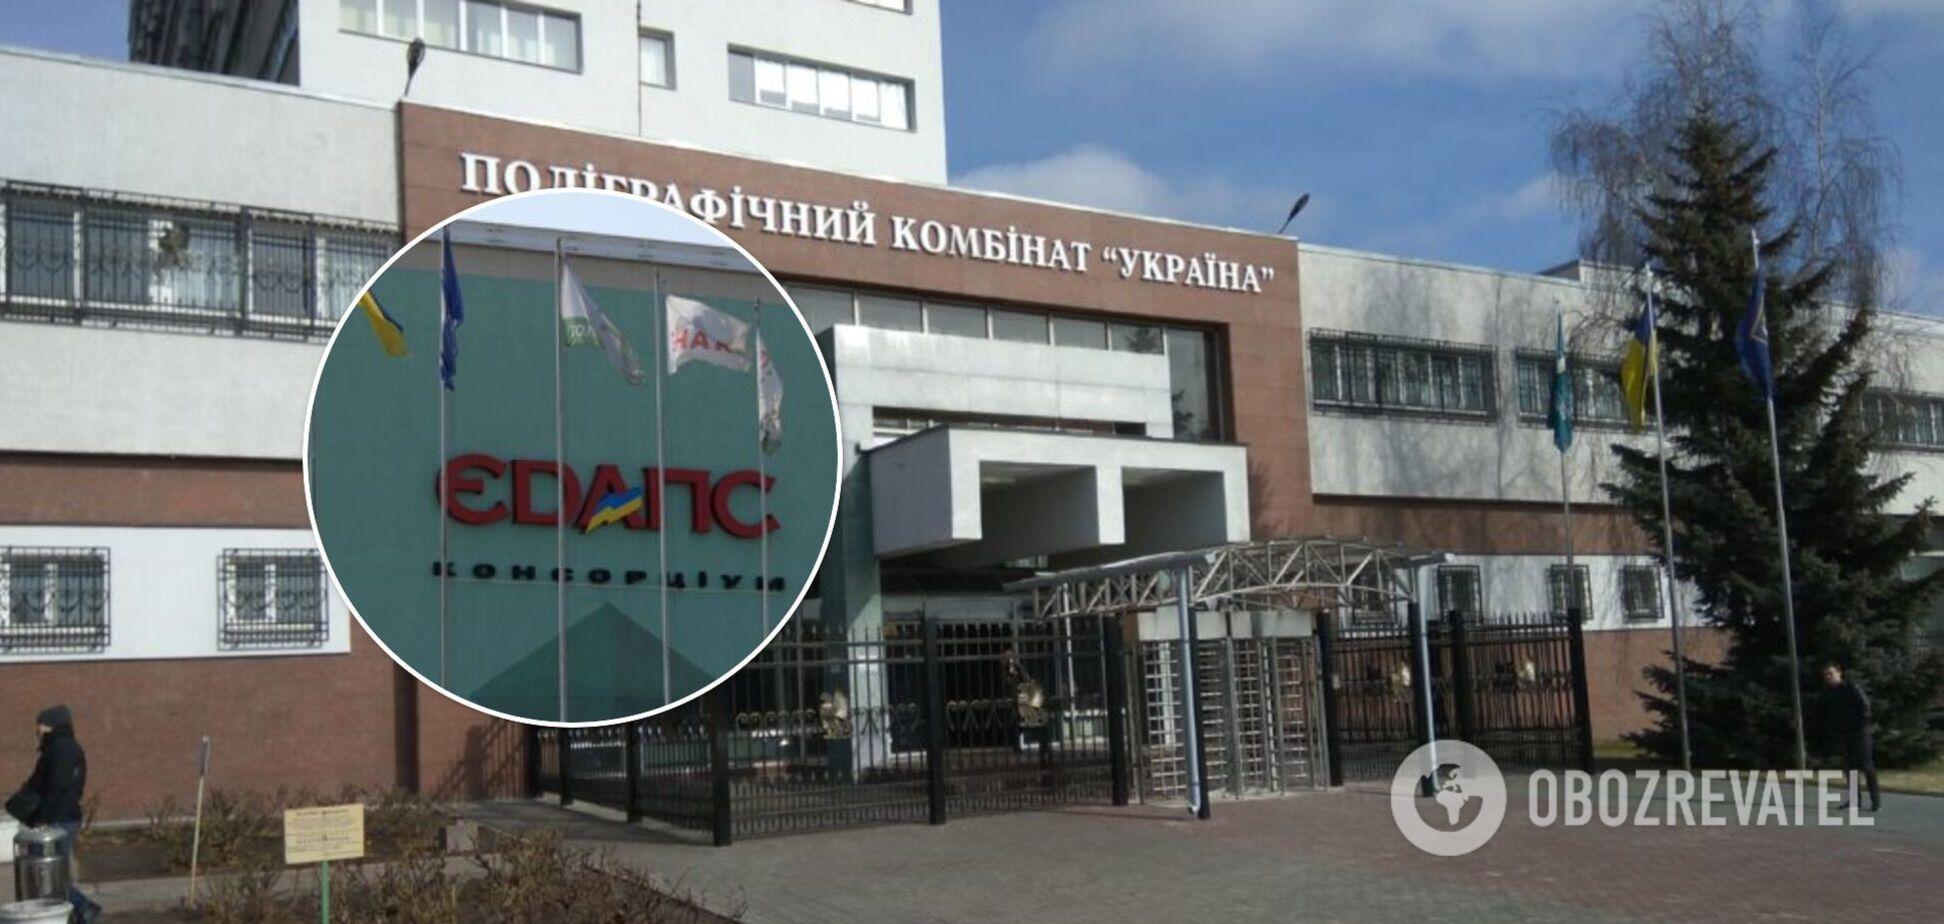 Полиграфкомбинат 'Украина' может возглавить подруга экс-топ-менеджера скандального ЕДАПСа – СМИ